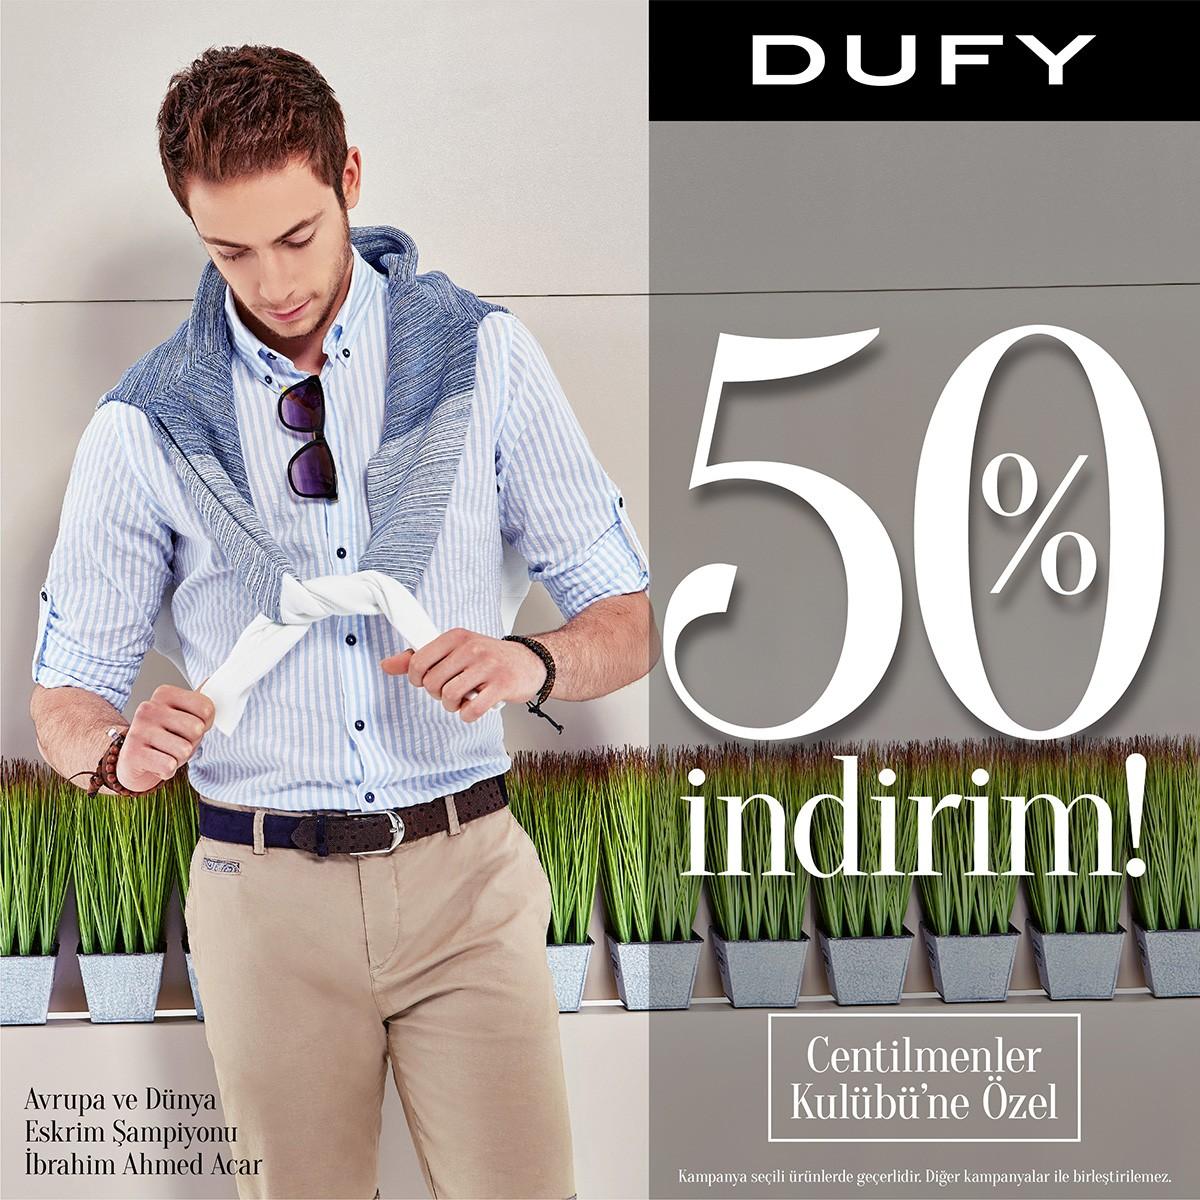 Dufy'den %50 indirim fırsatı